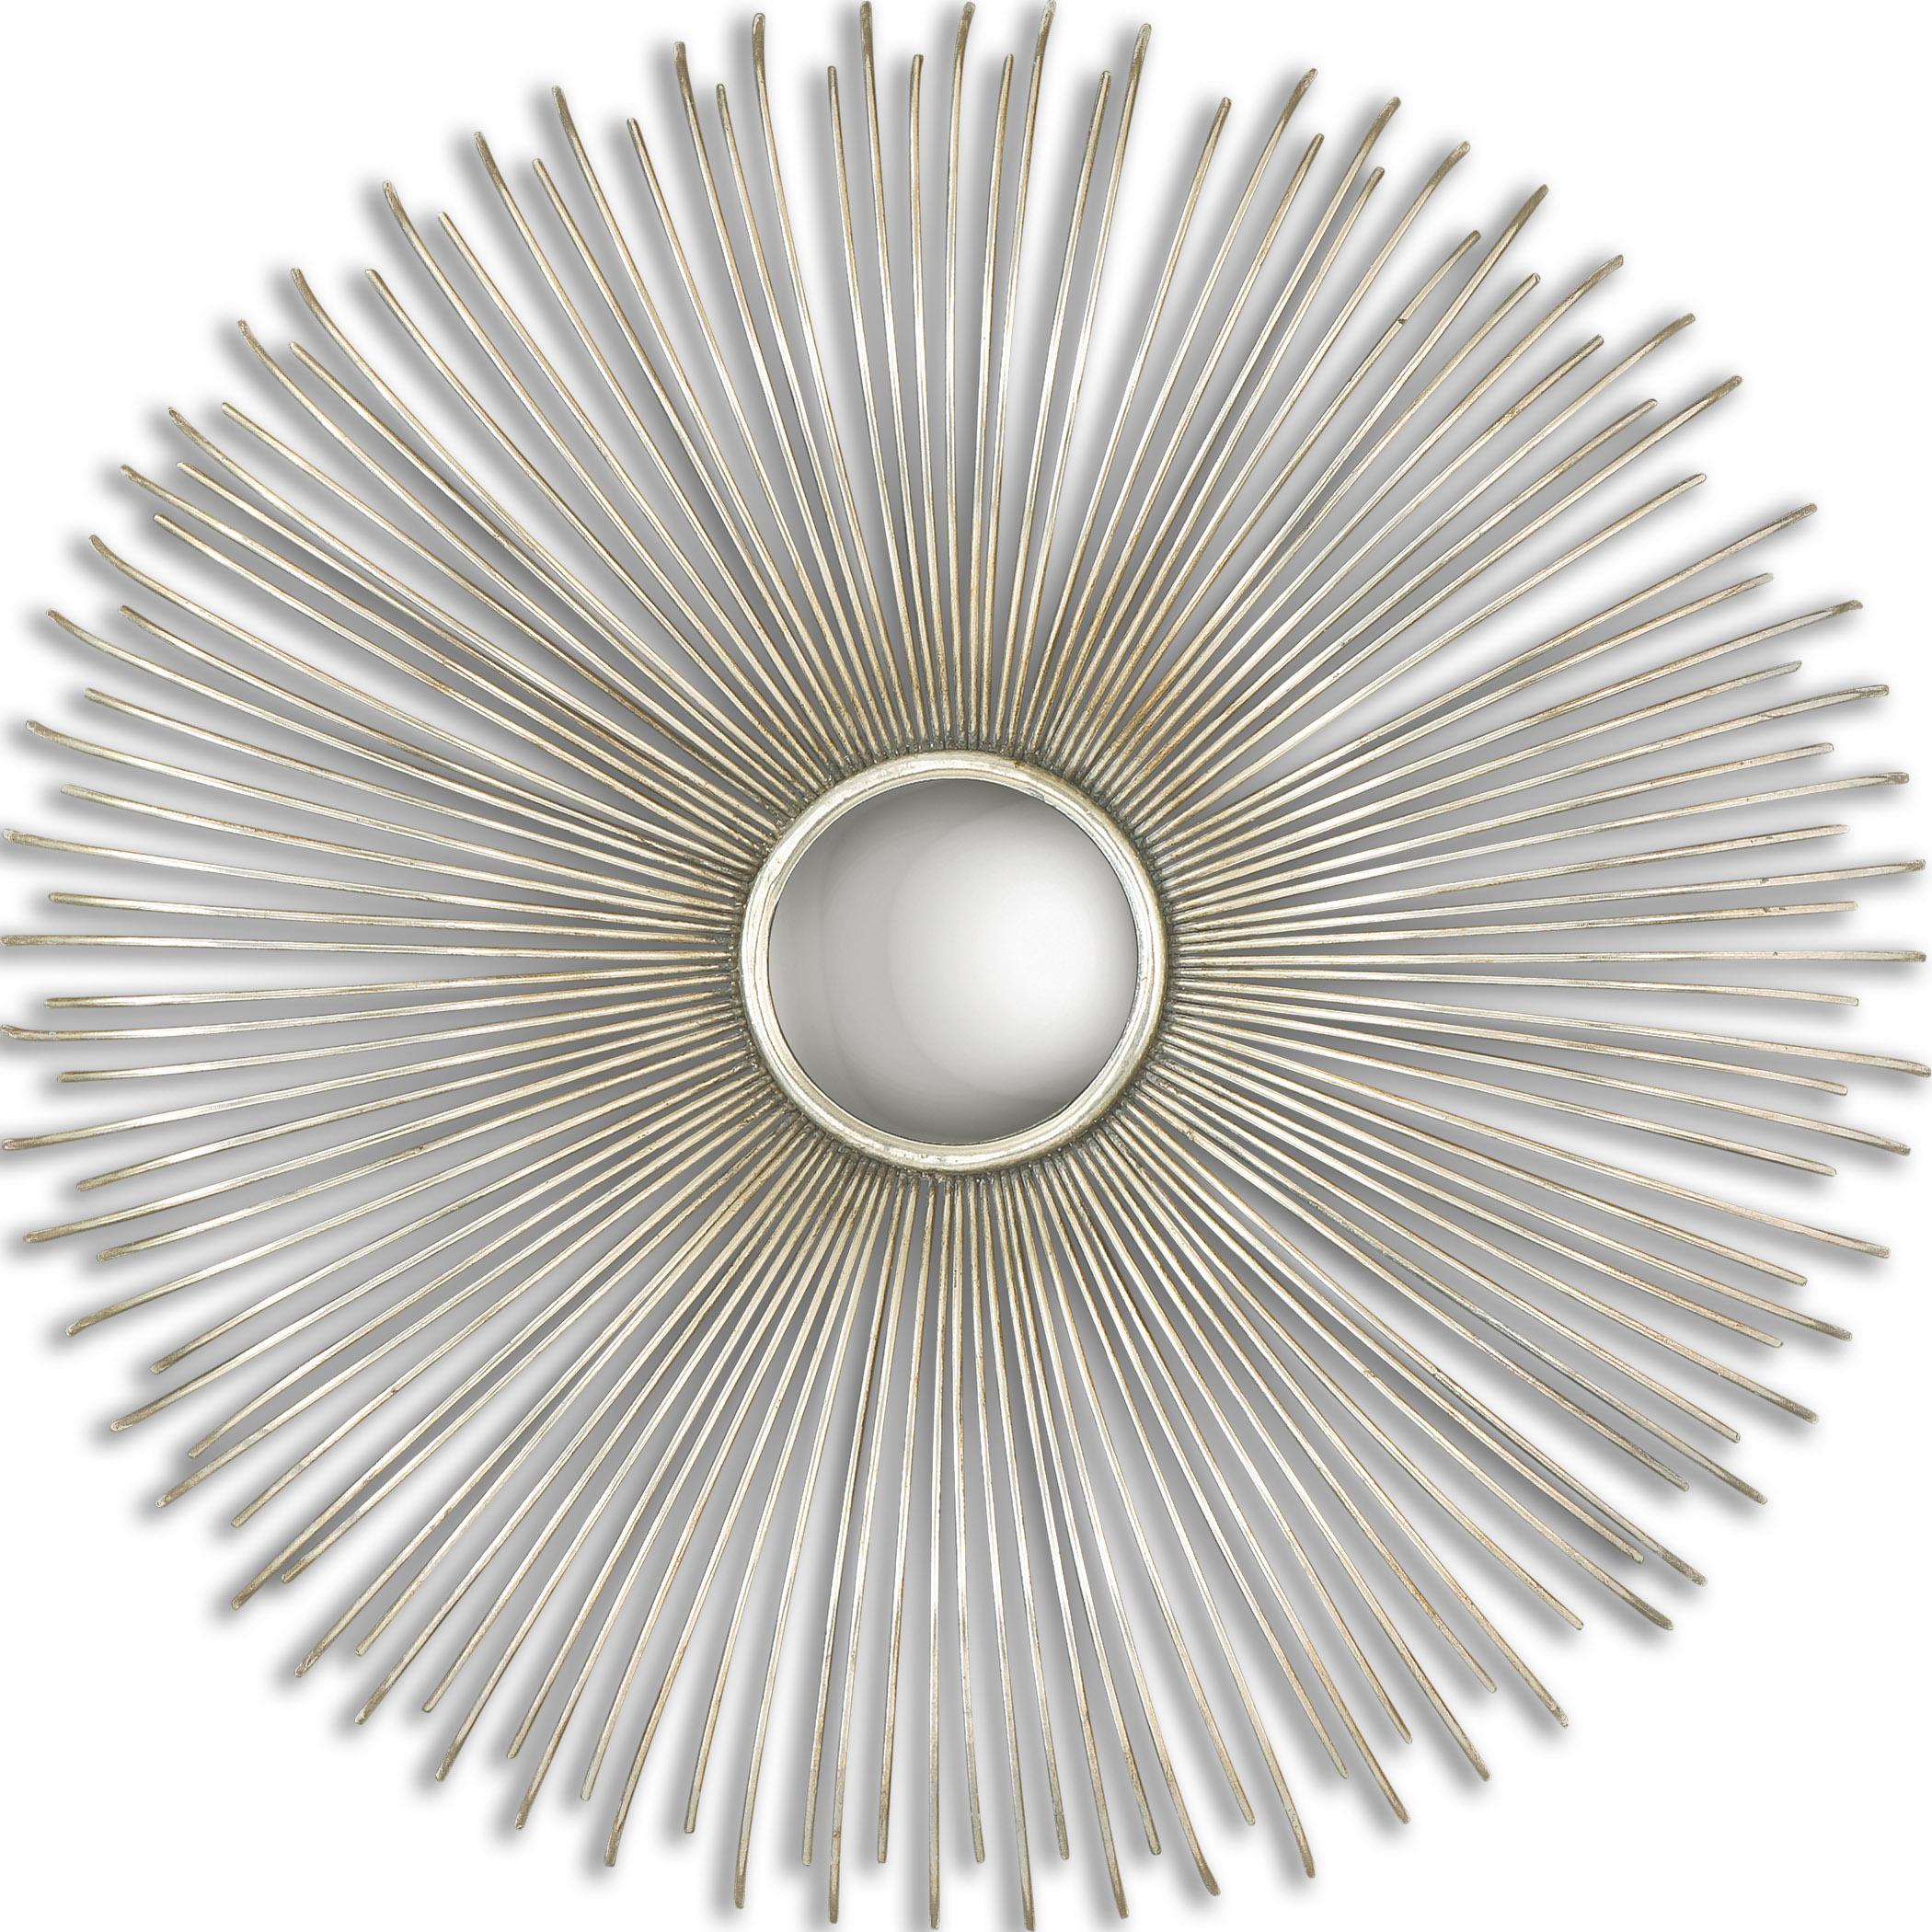 Uttermost Mirrors Launa Round Silver Mirror - Item Number: 12888